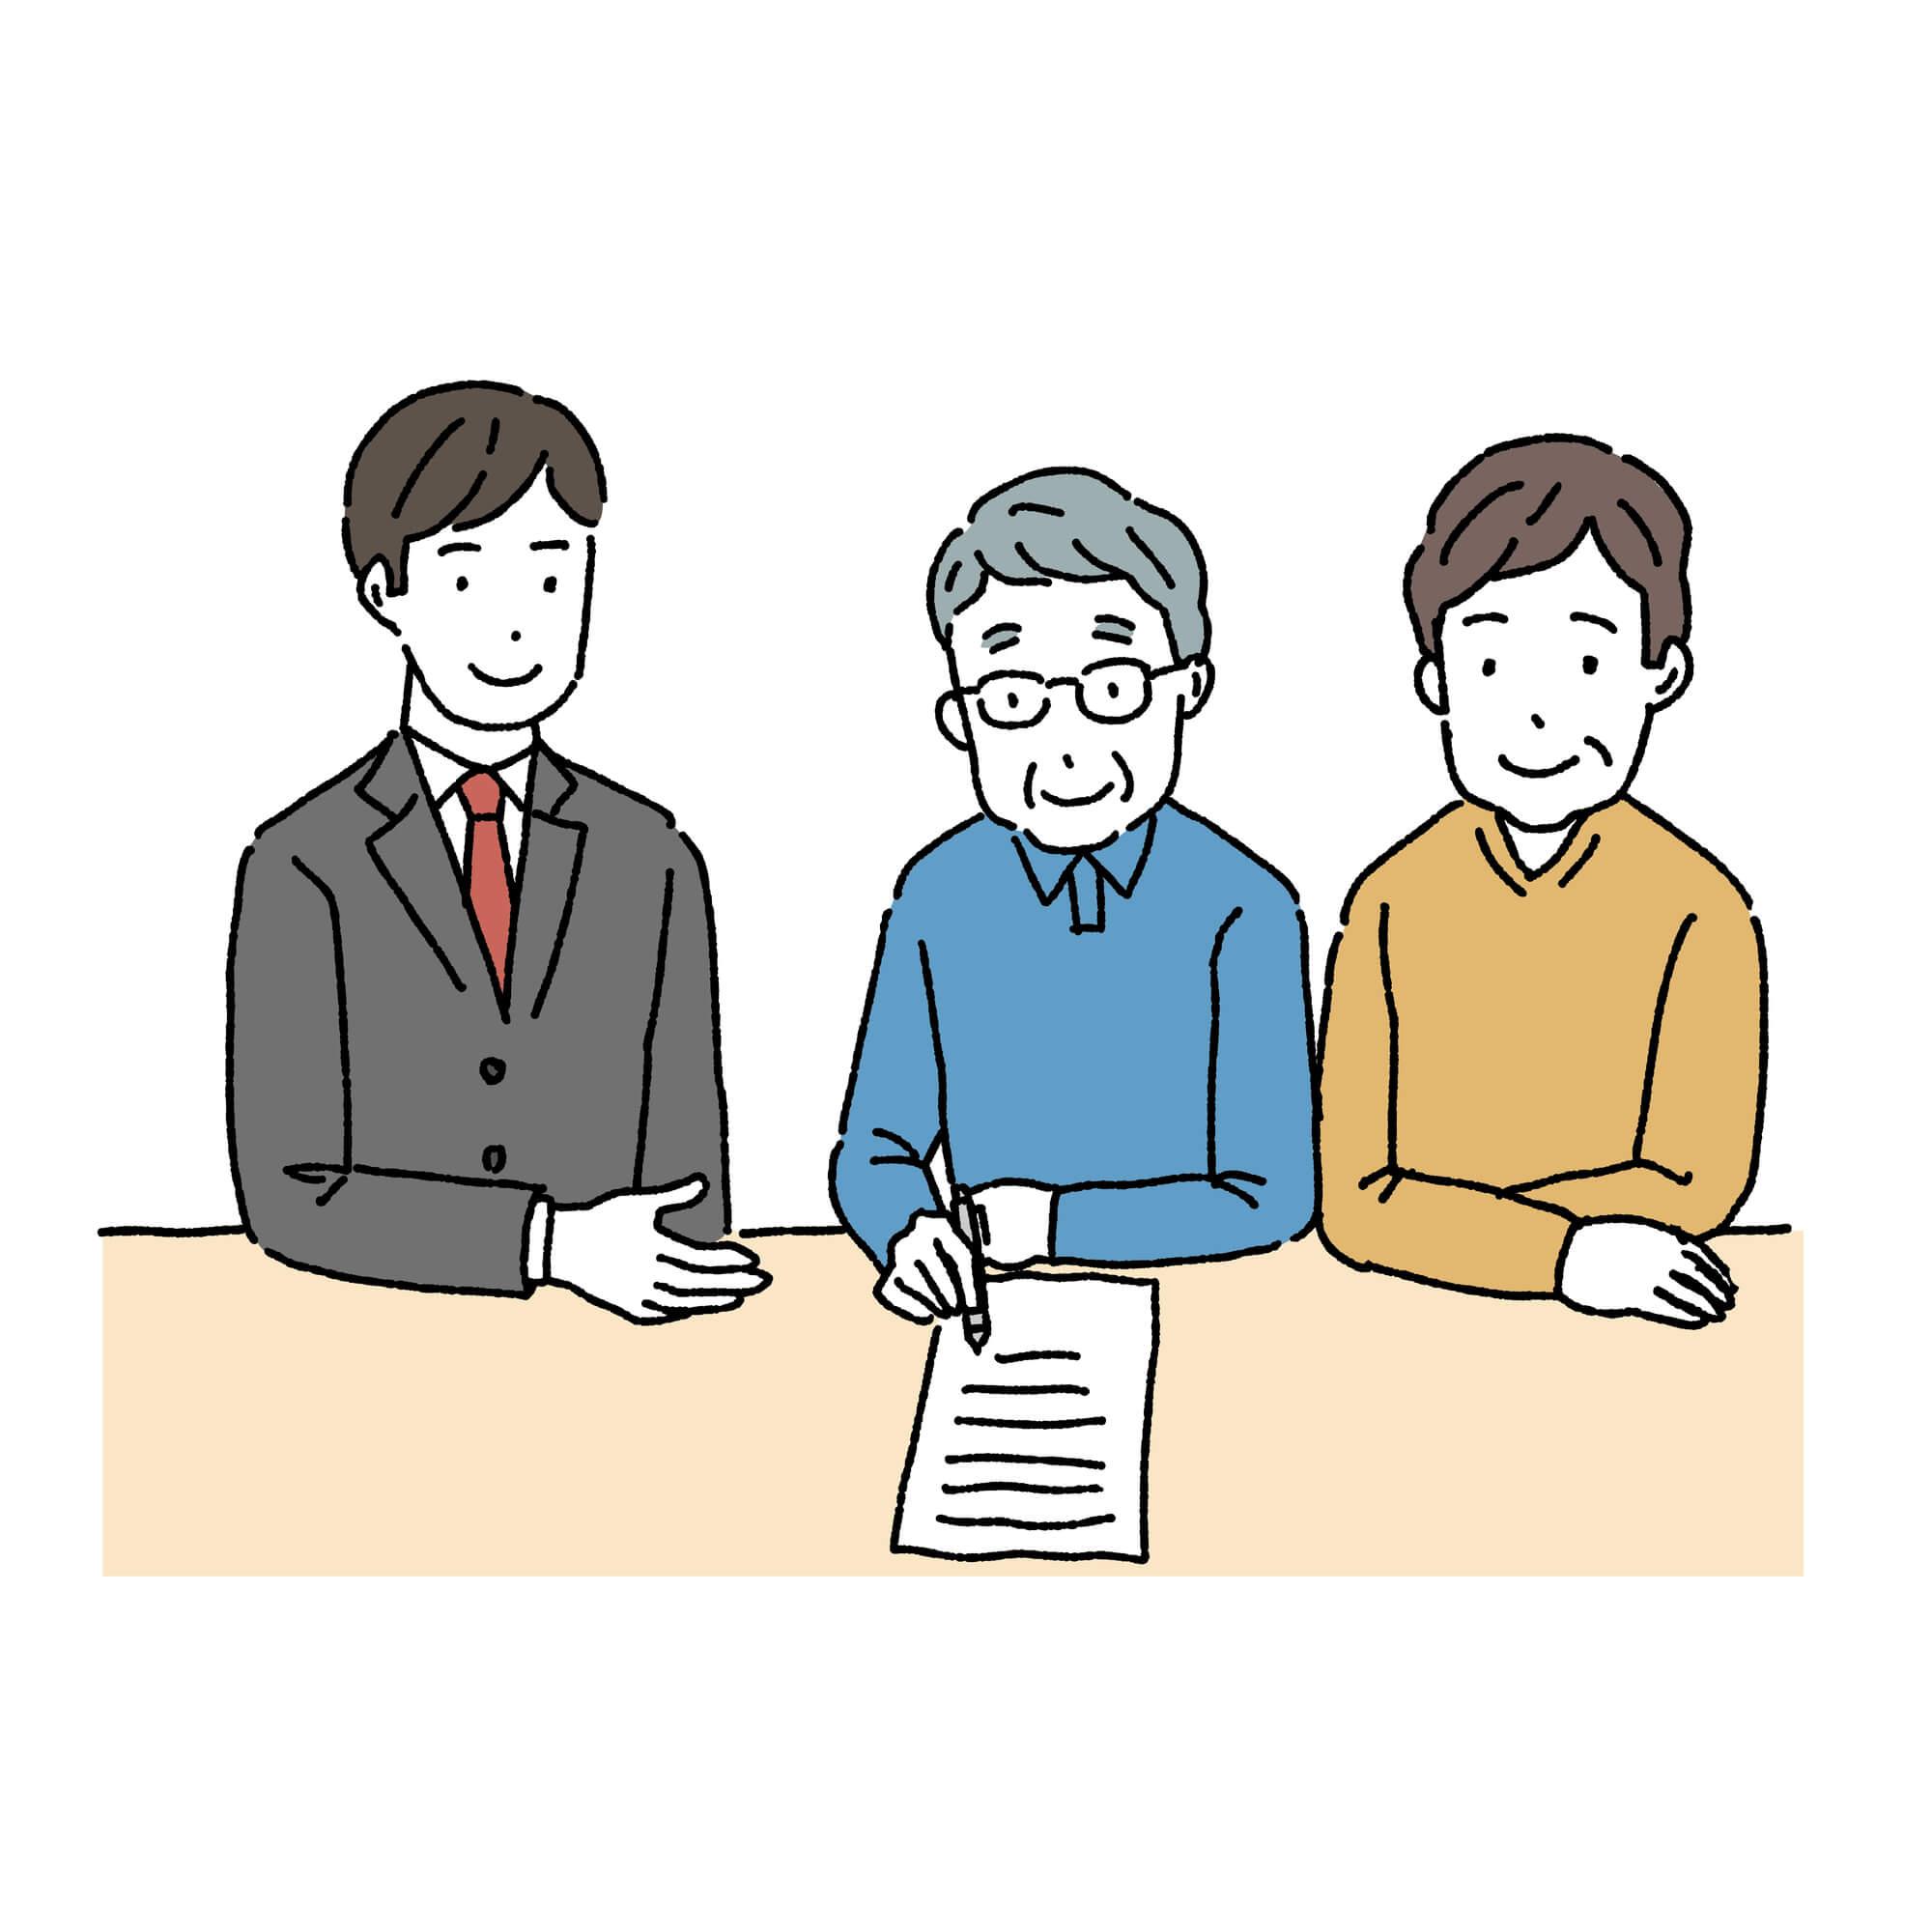 遺言書がない場合の手続き・なくてもいいケースを解説 - 相続オナヤミ相談 花沢事務所